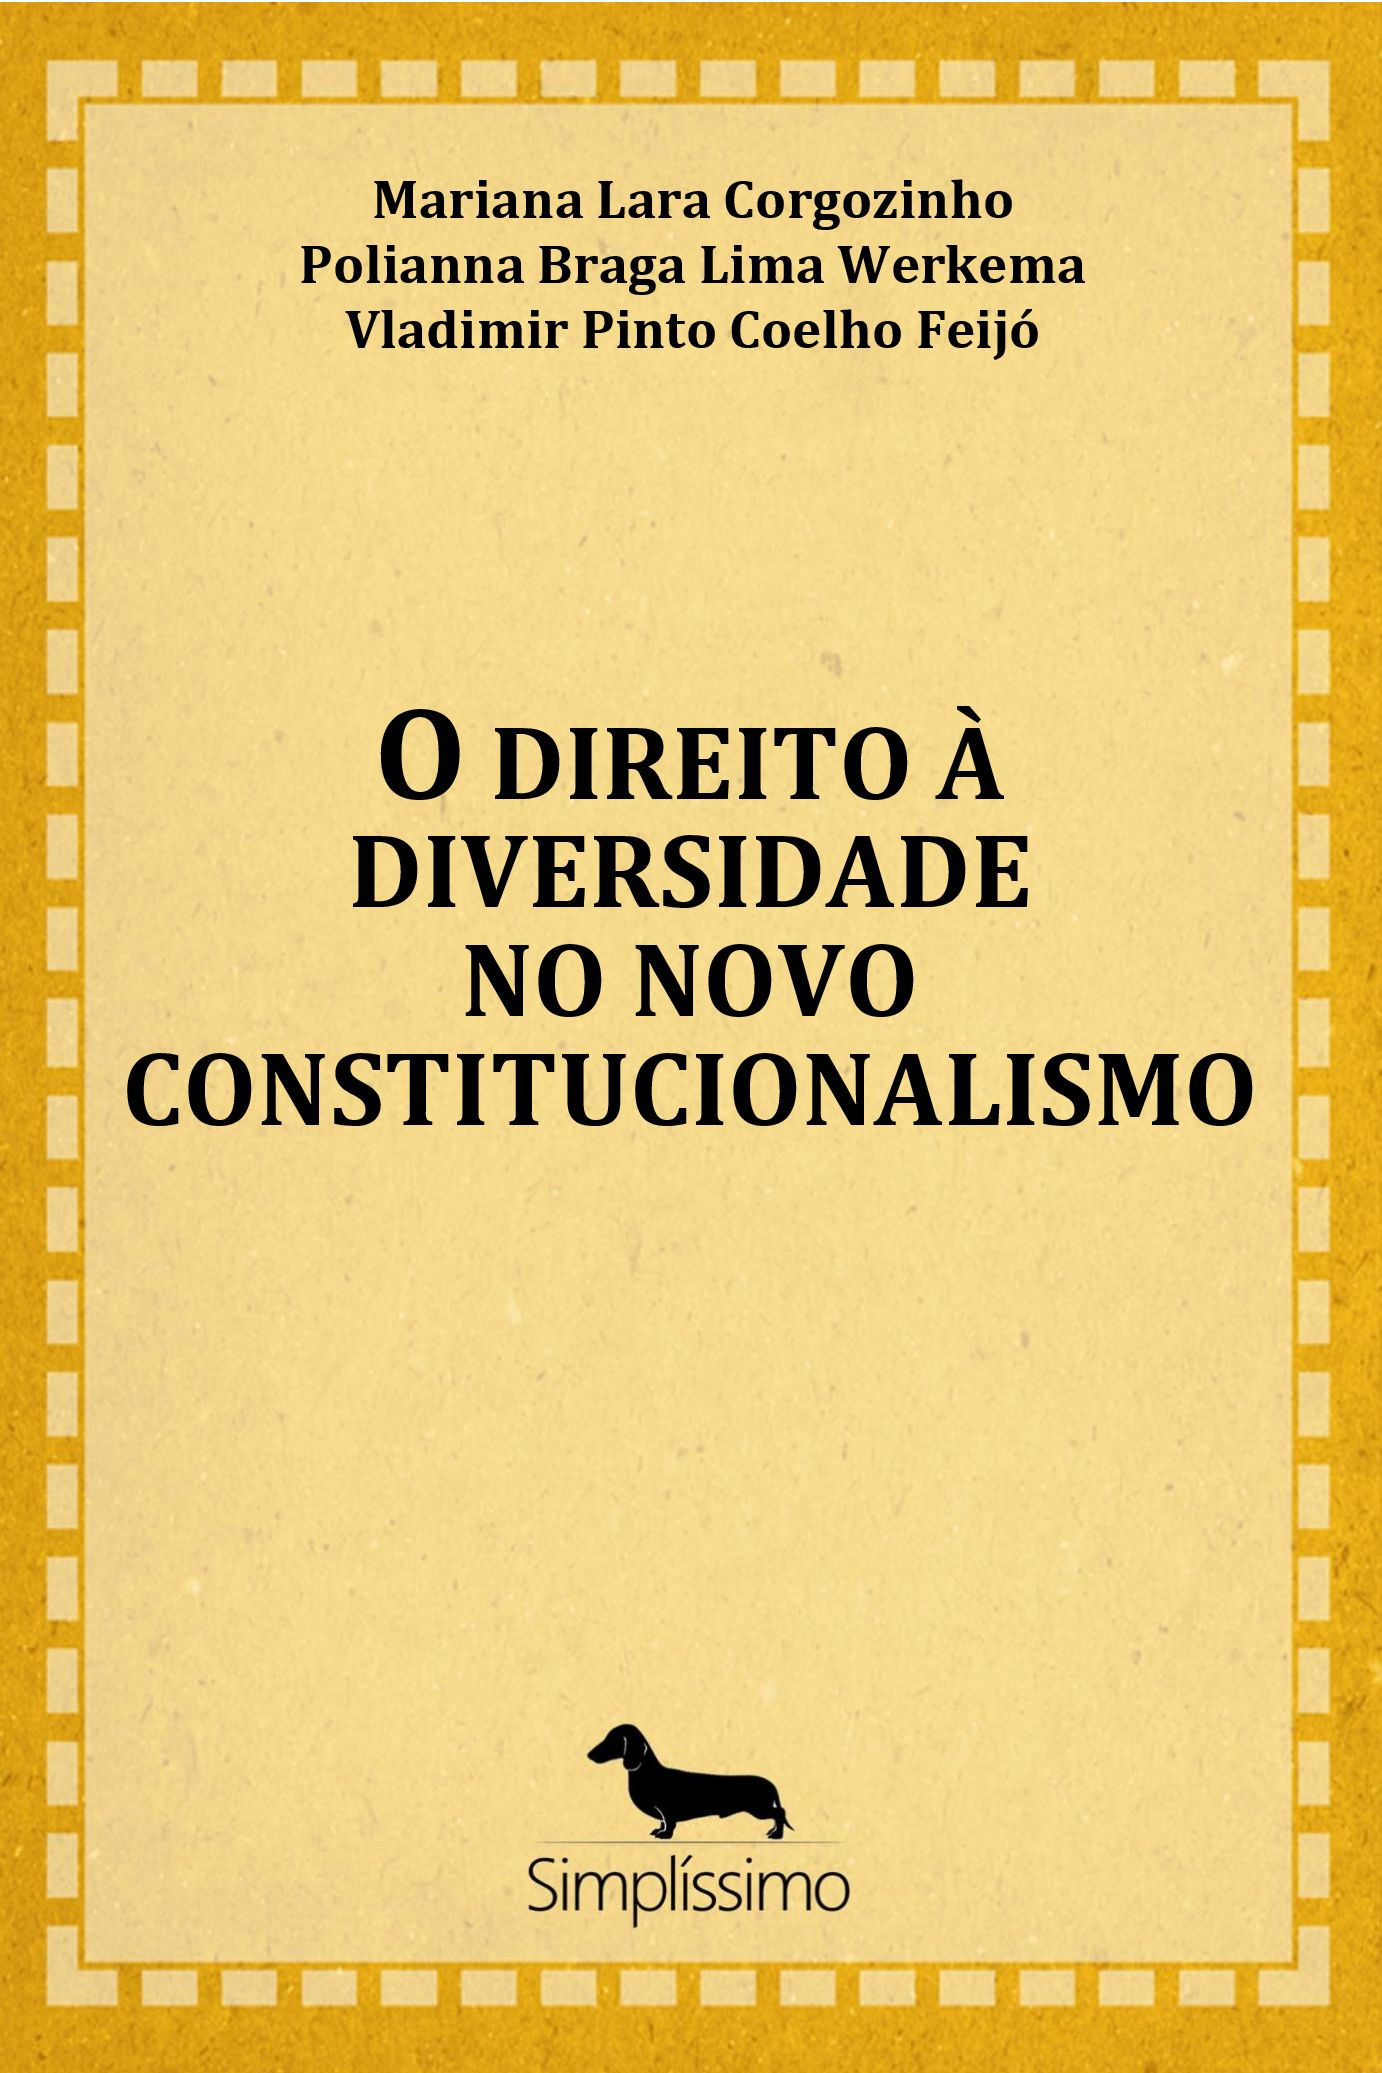 Capa do ebook O DIREITO À DIVERSIDADE NO NOVO CONSTITUCIONALISMO